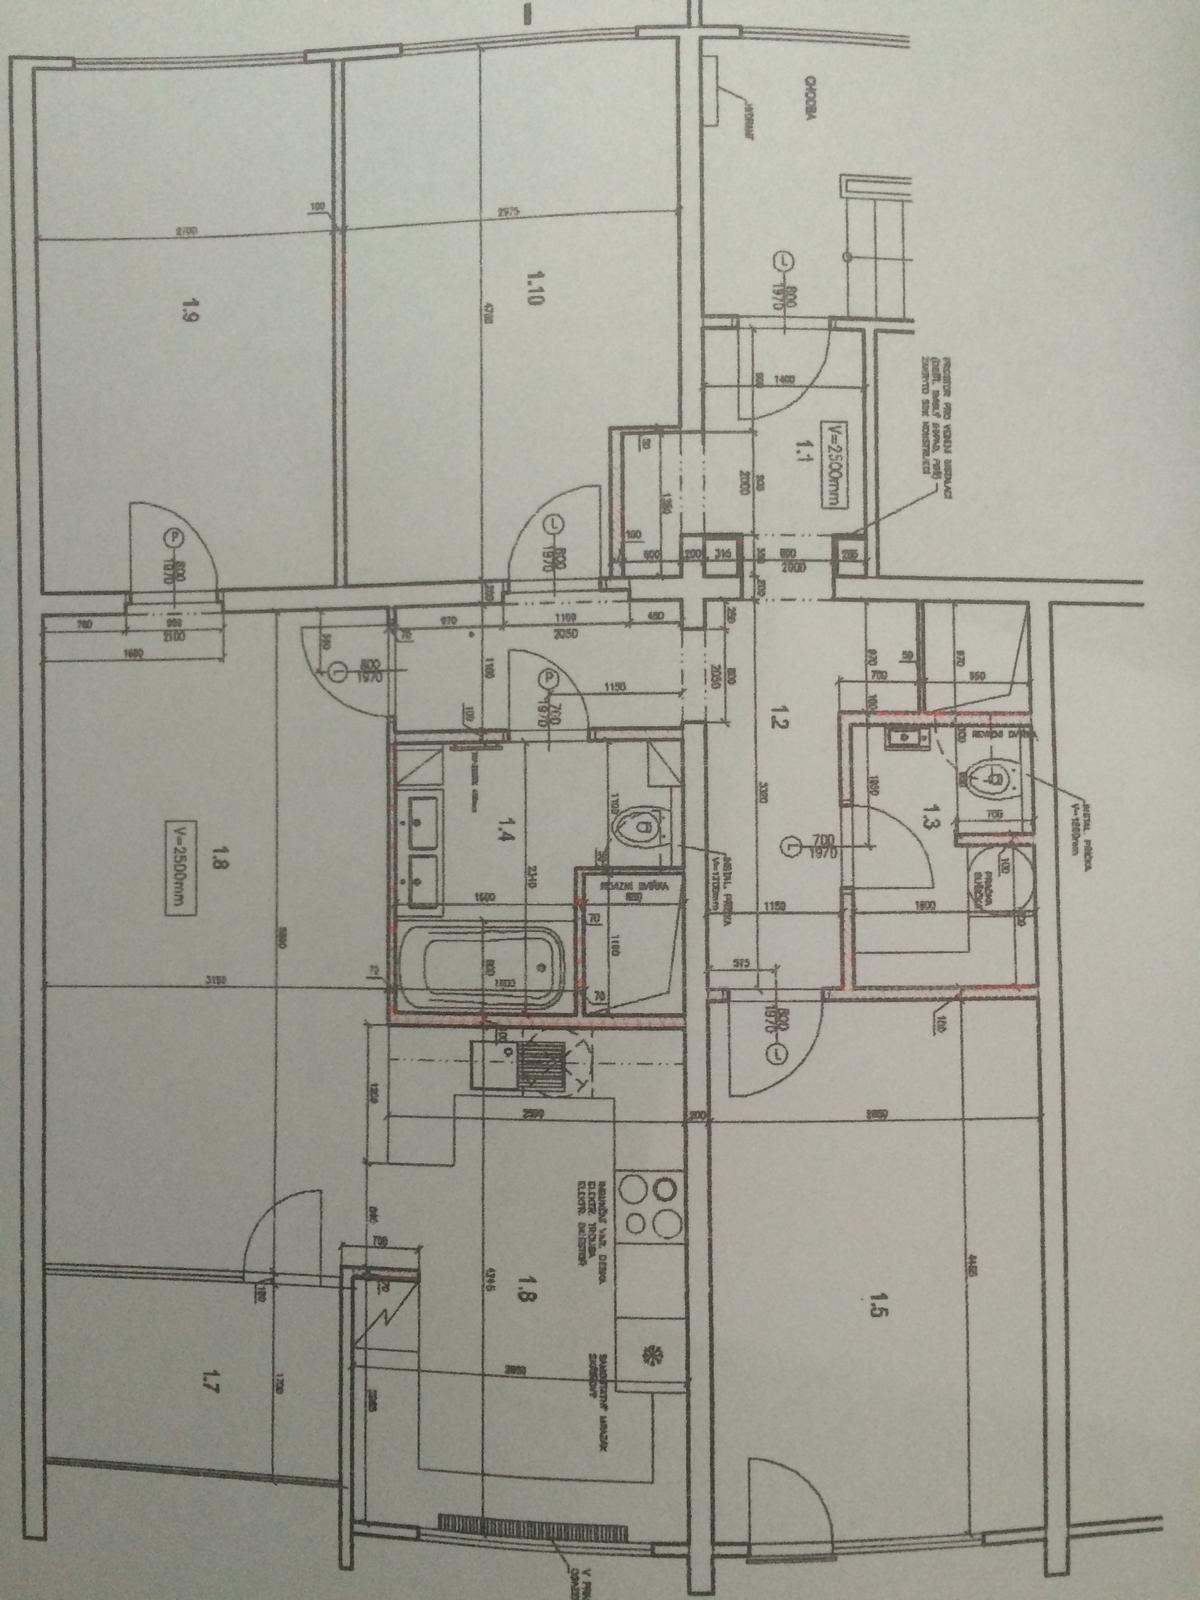 Naše 4+1 v paneláku - Finální půdorys, jen kuchyň bude jinak